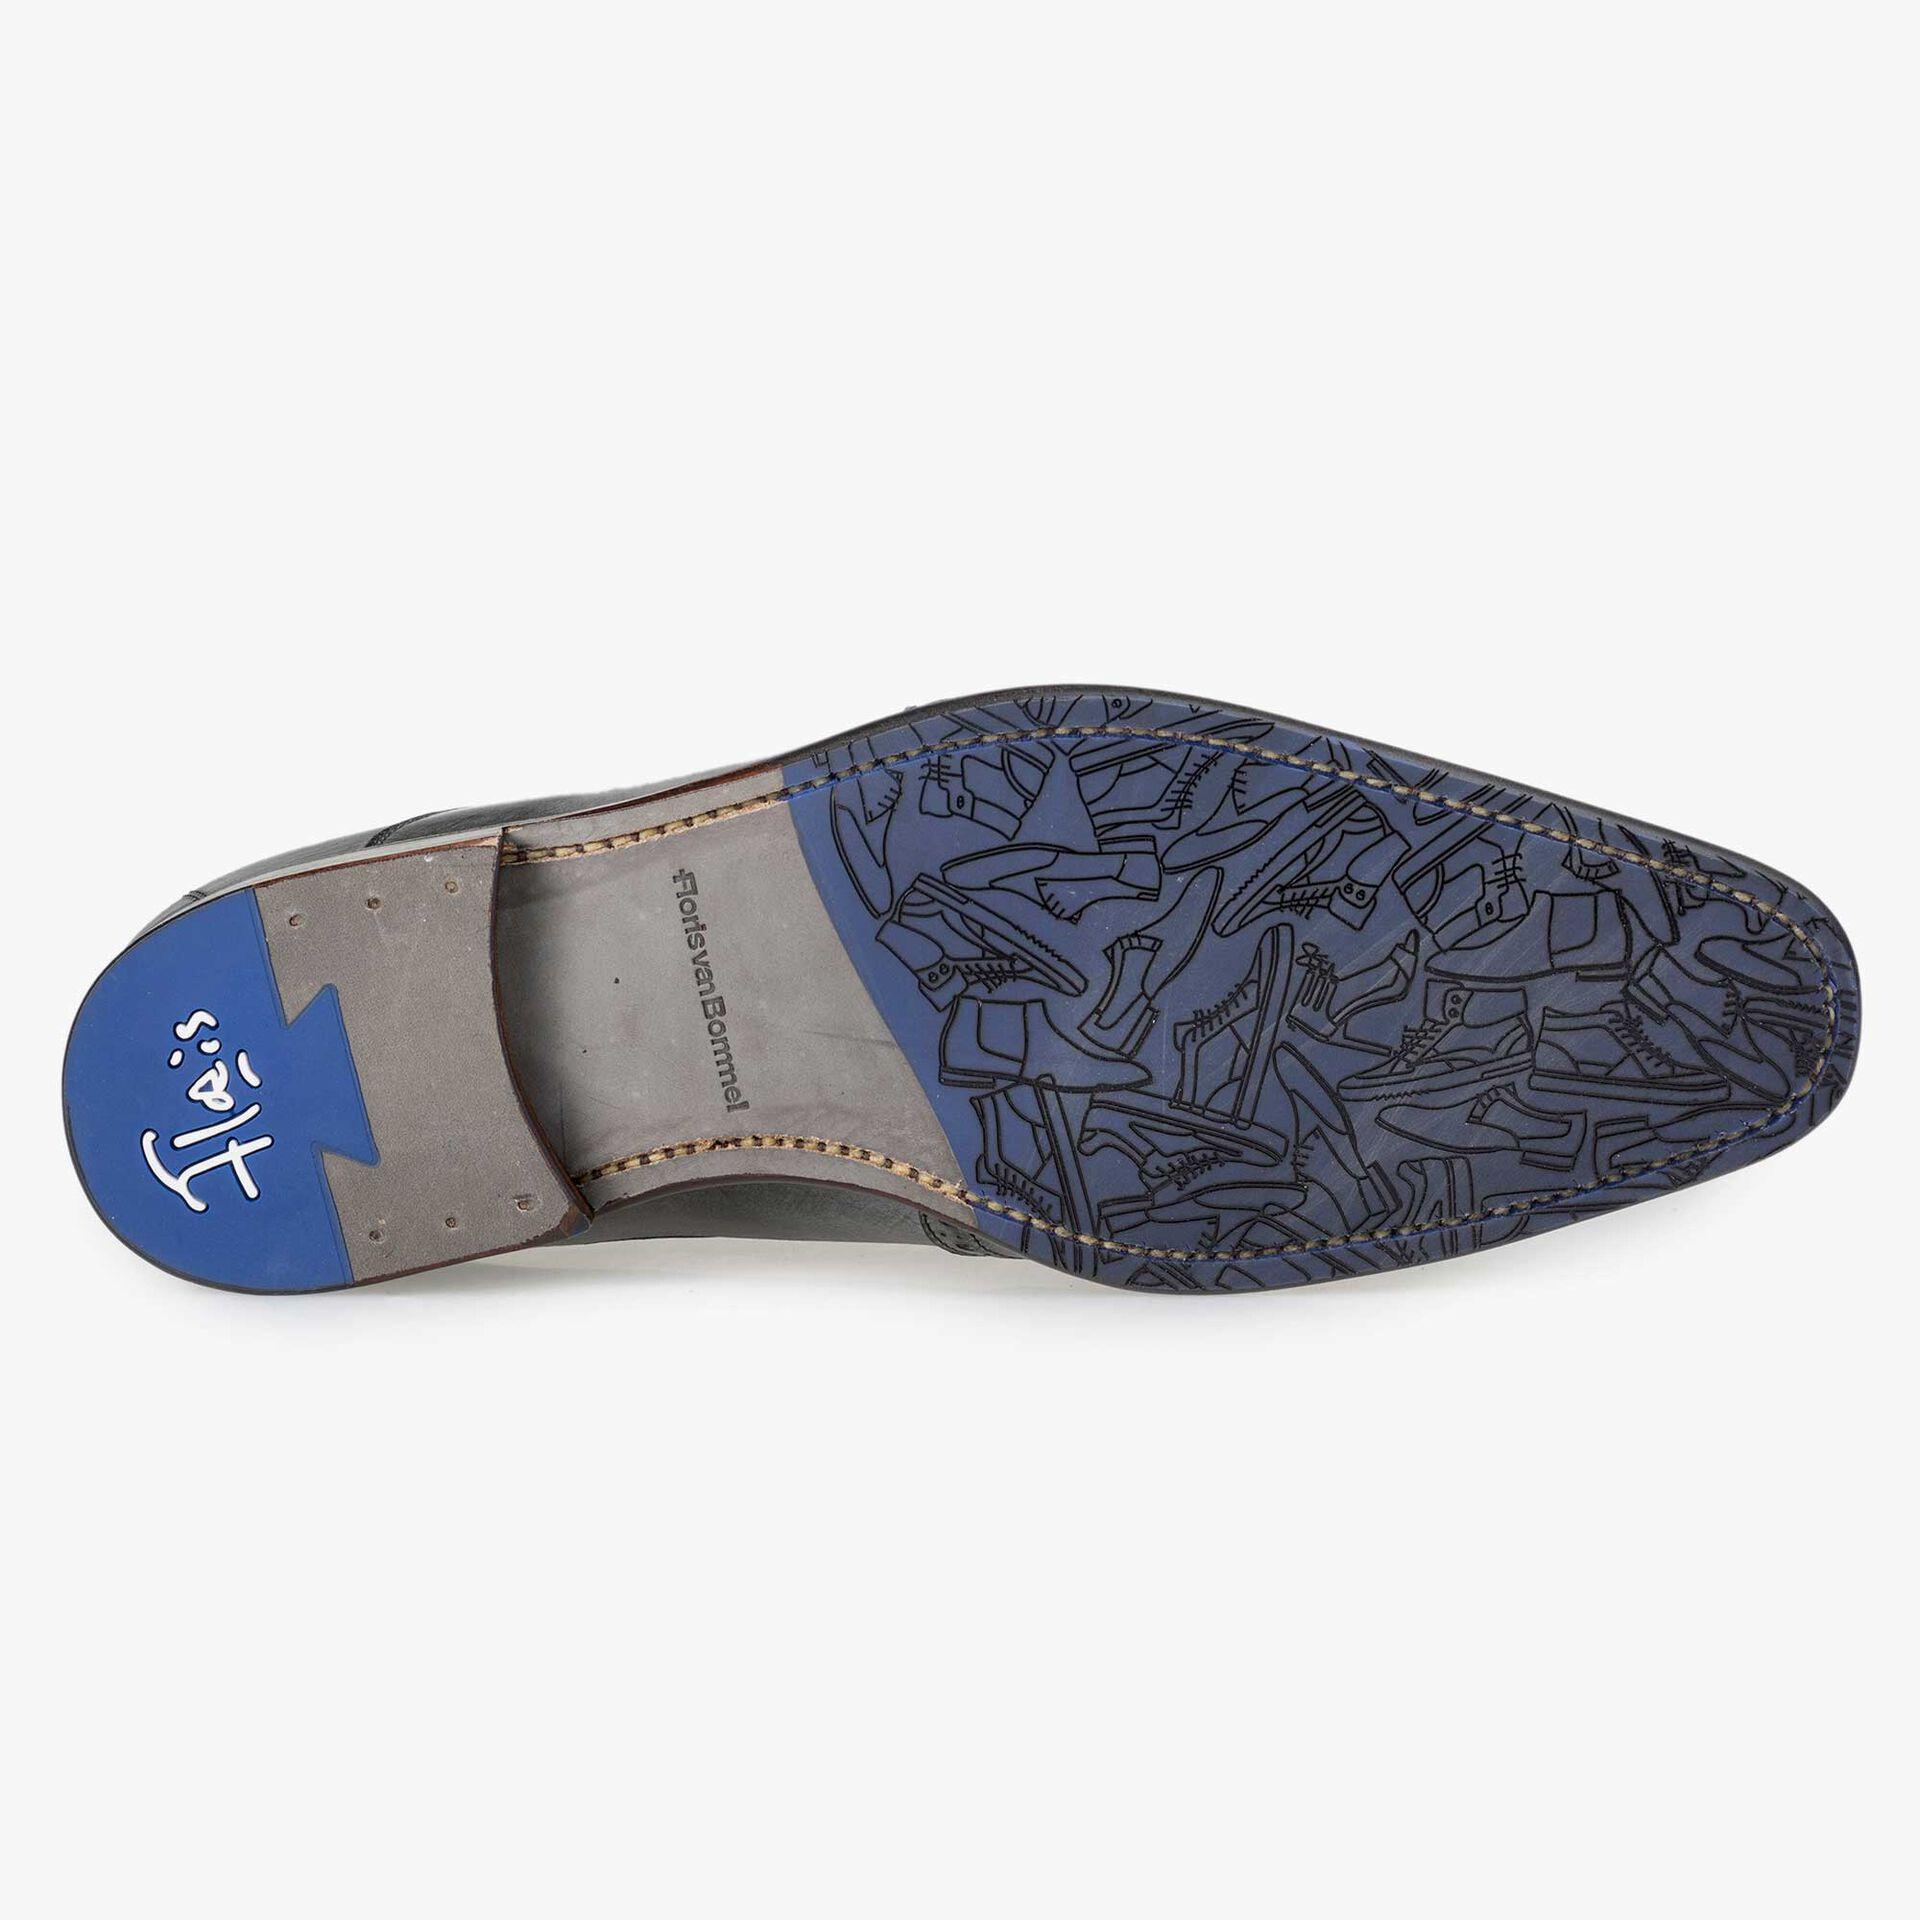 Floris van Bommel men's anthracite grey leather lace shoe